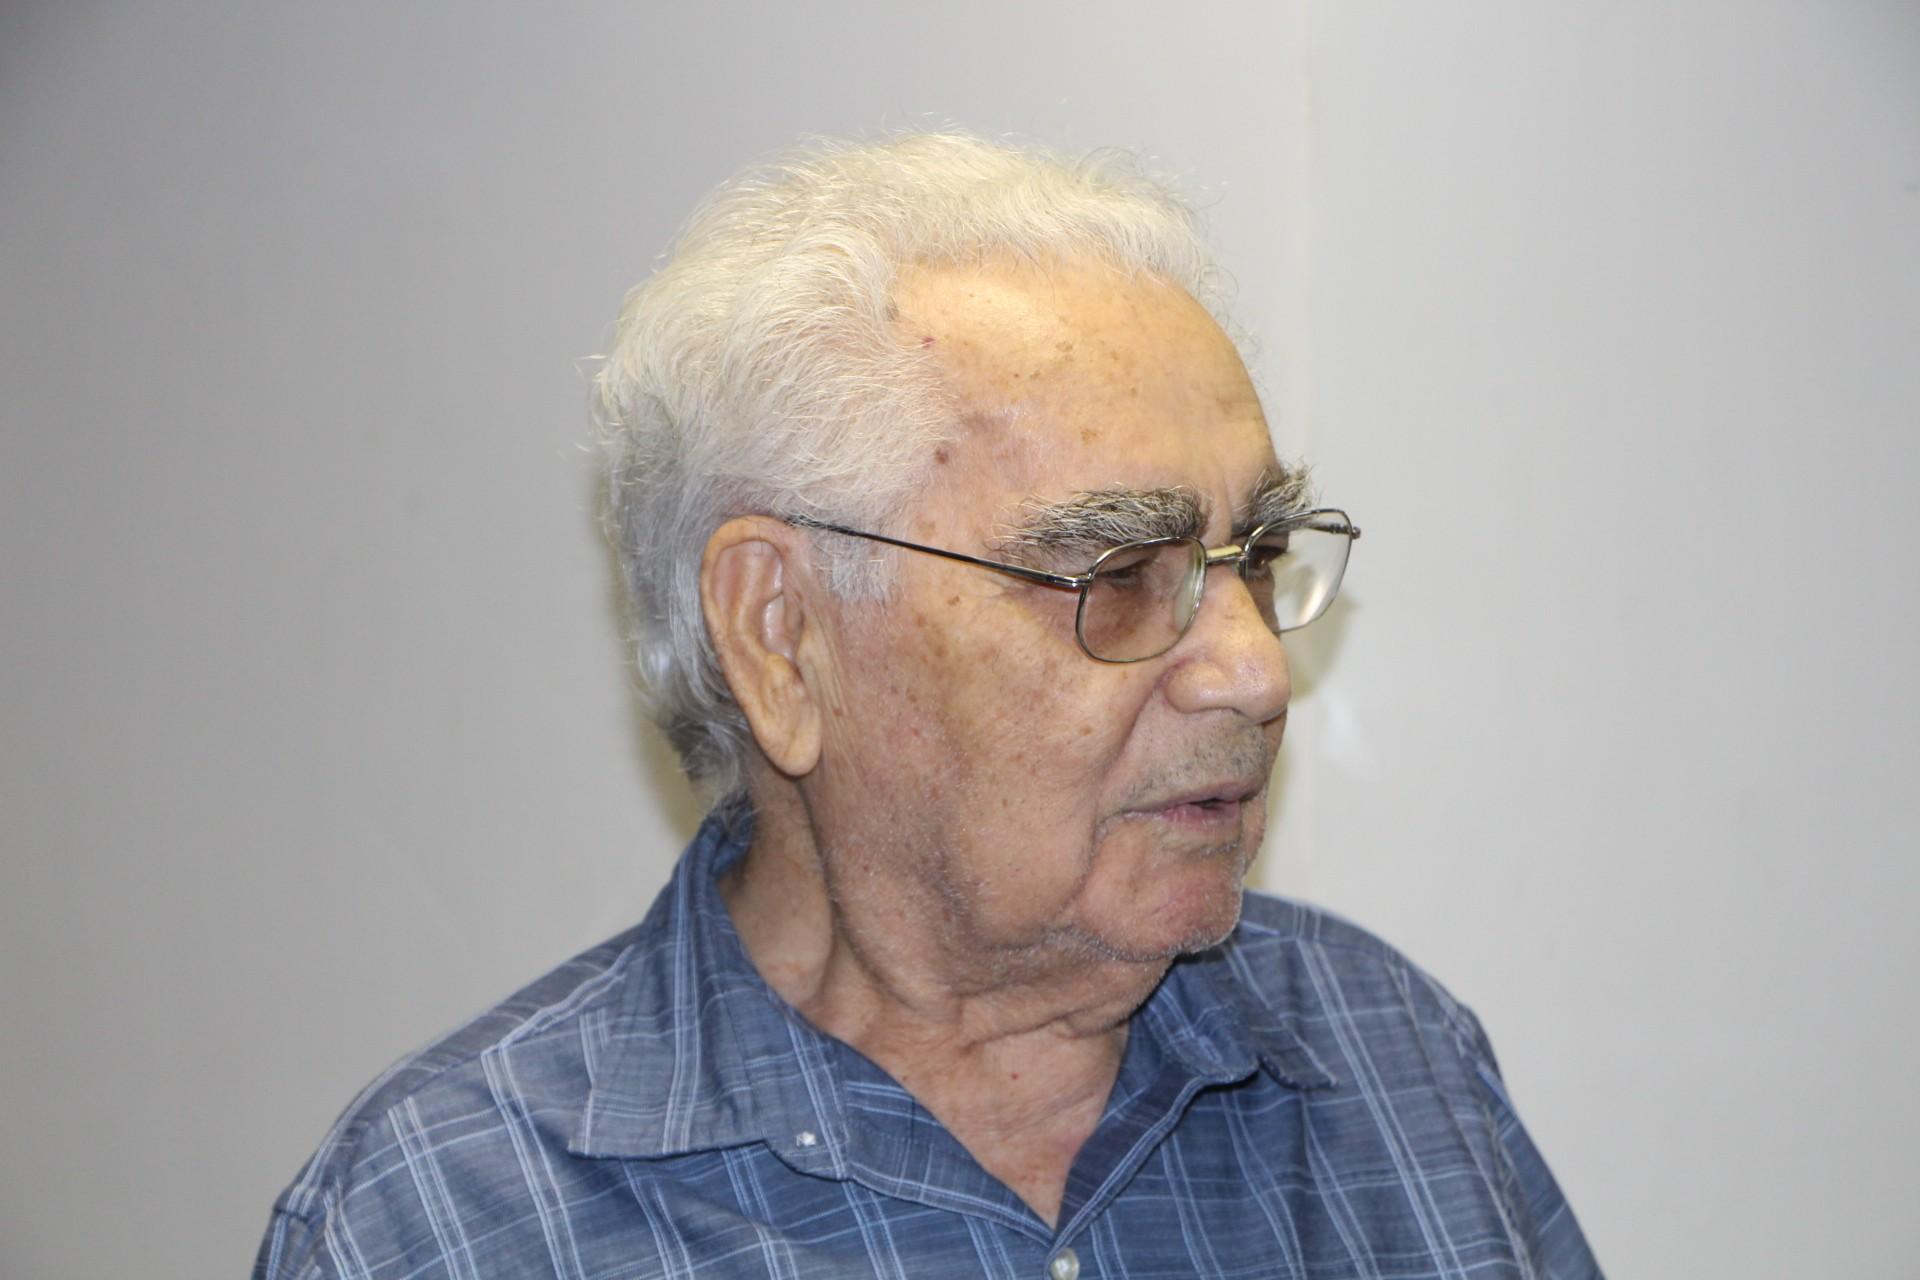 Morre o matemático Maurício Peixoto, um dos fundadores do IMPA